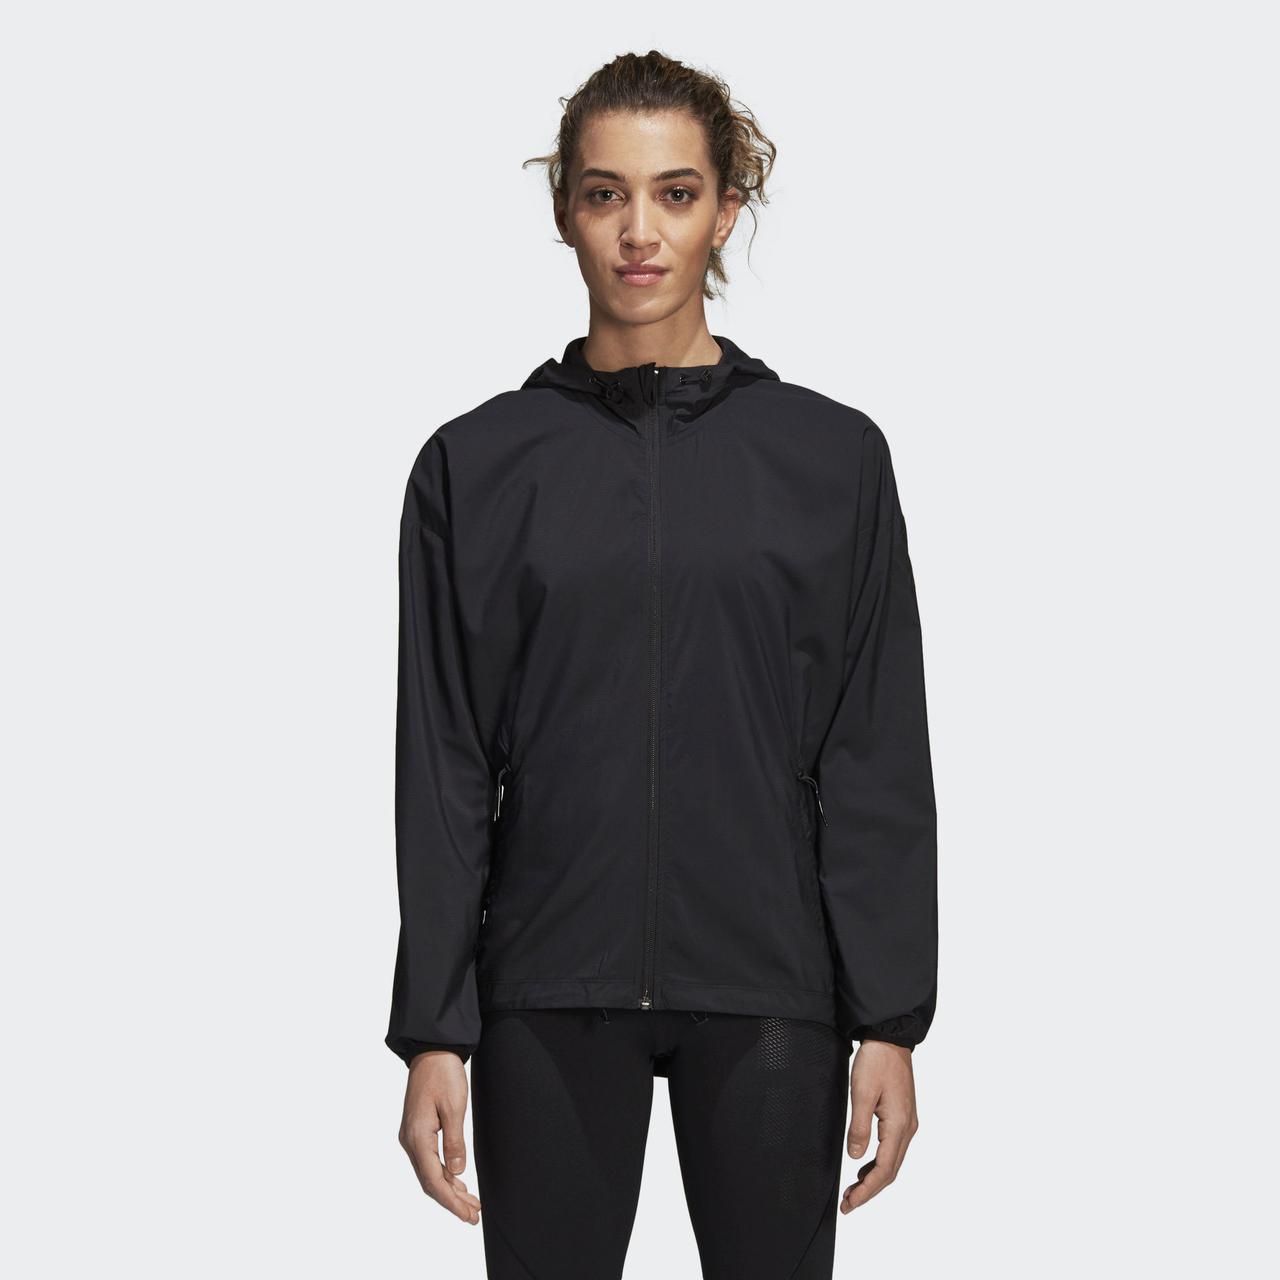 Женская куртка Adidas Performance Woven (Артикул  CX5330) - Адидас  официальный интернет - магазин f1d832e2159